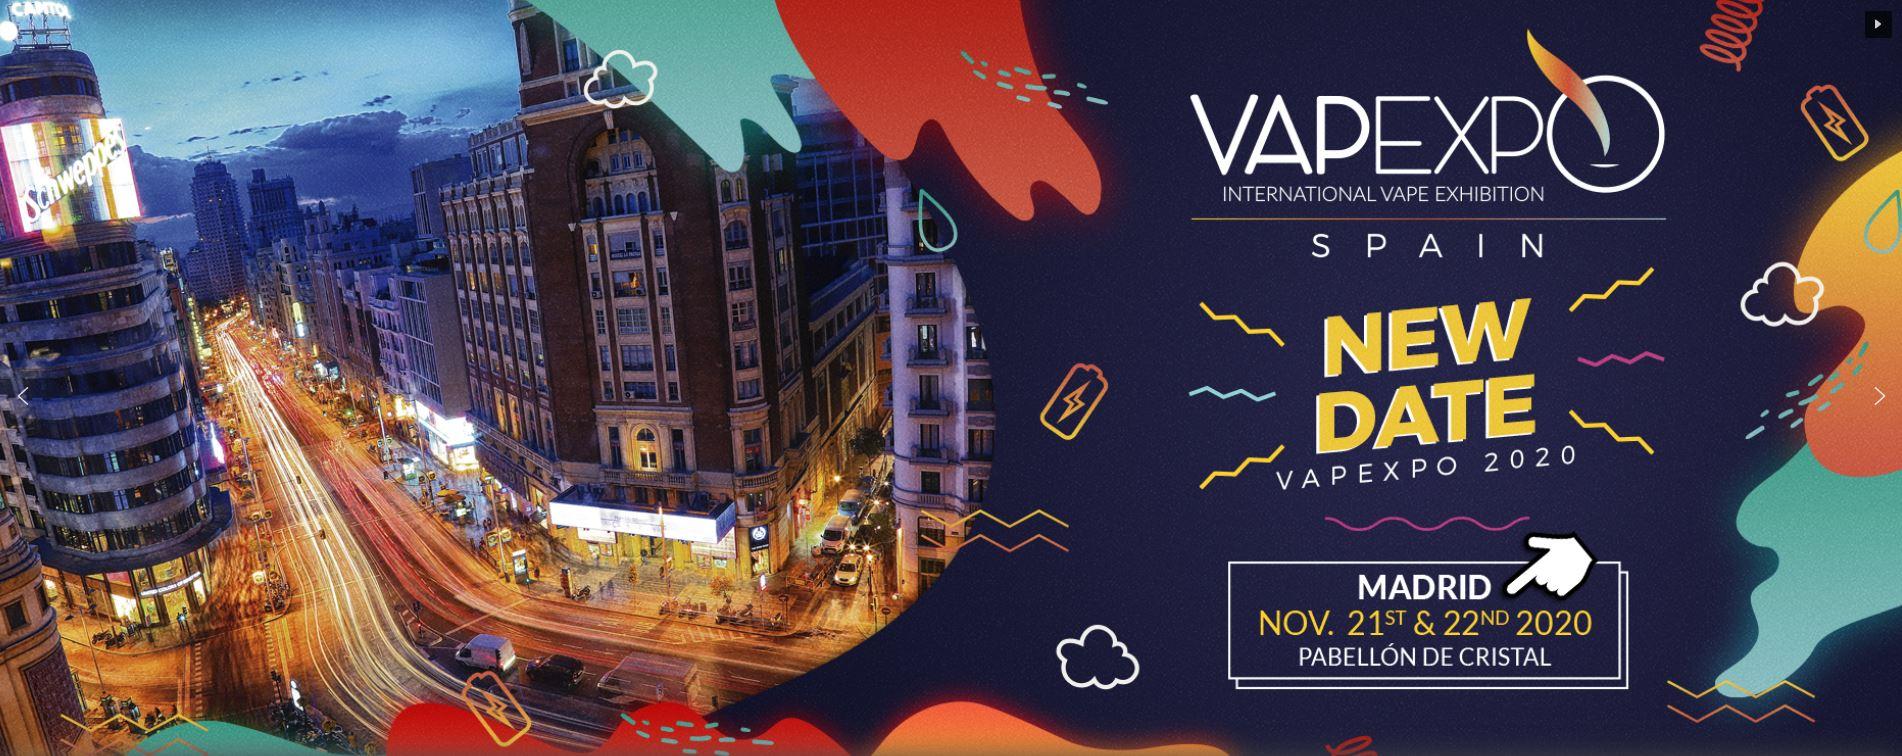 advertising banner for Vapexpo International Vape Exhibition Spain 2020